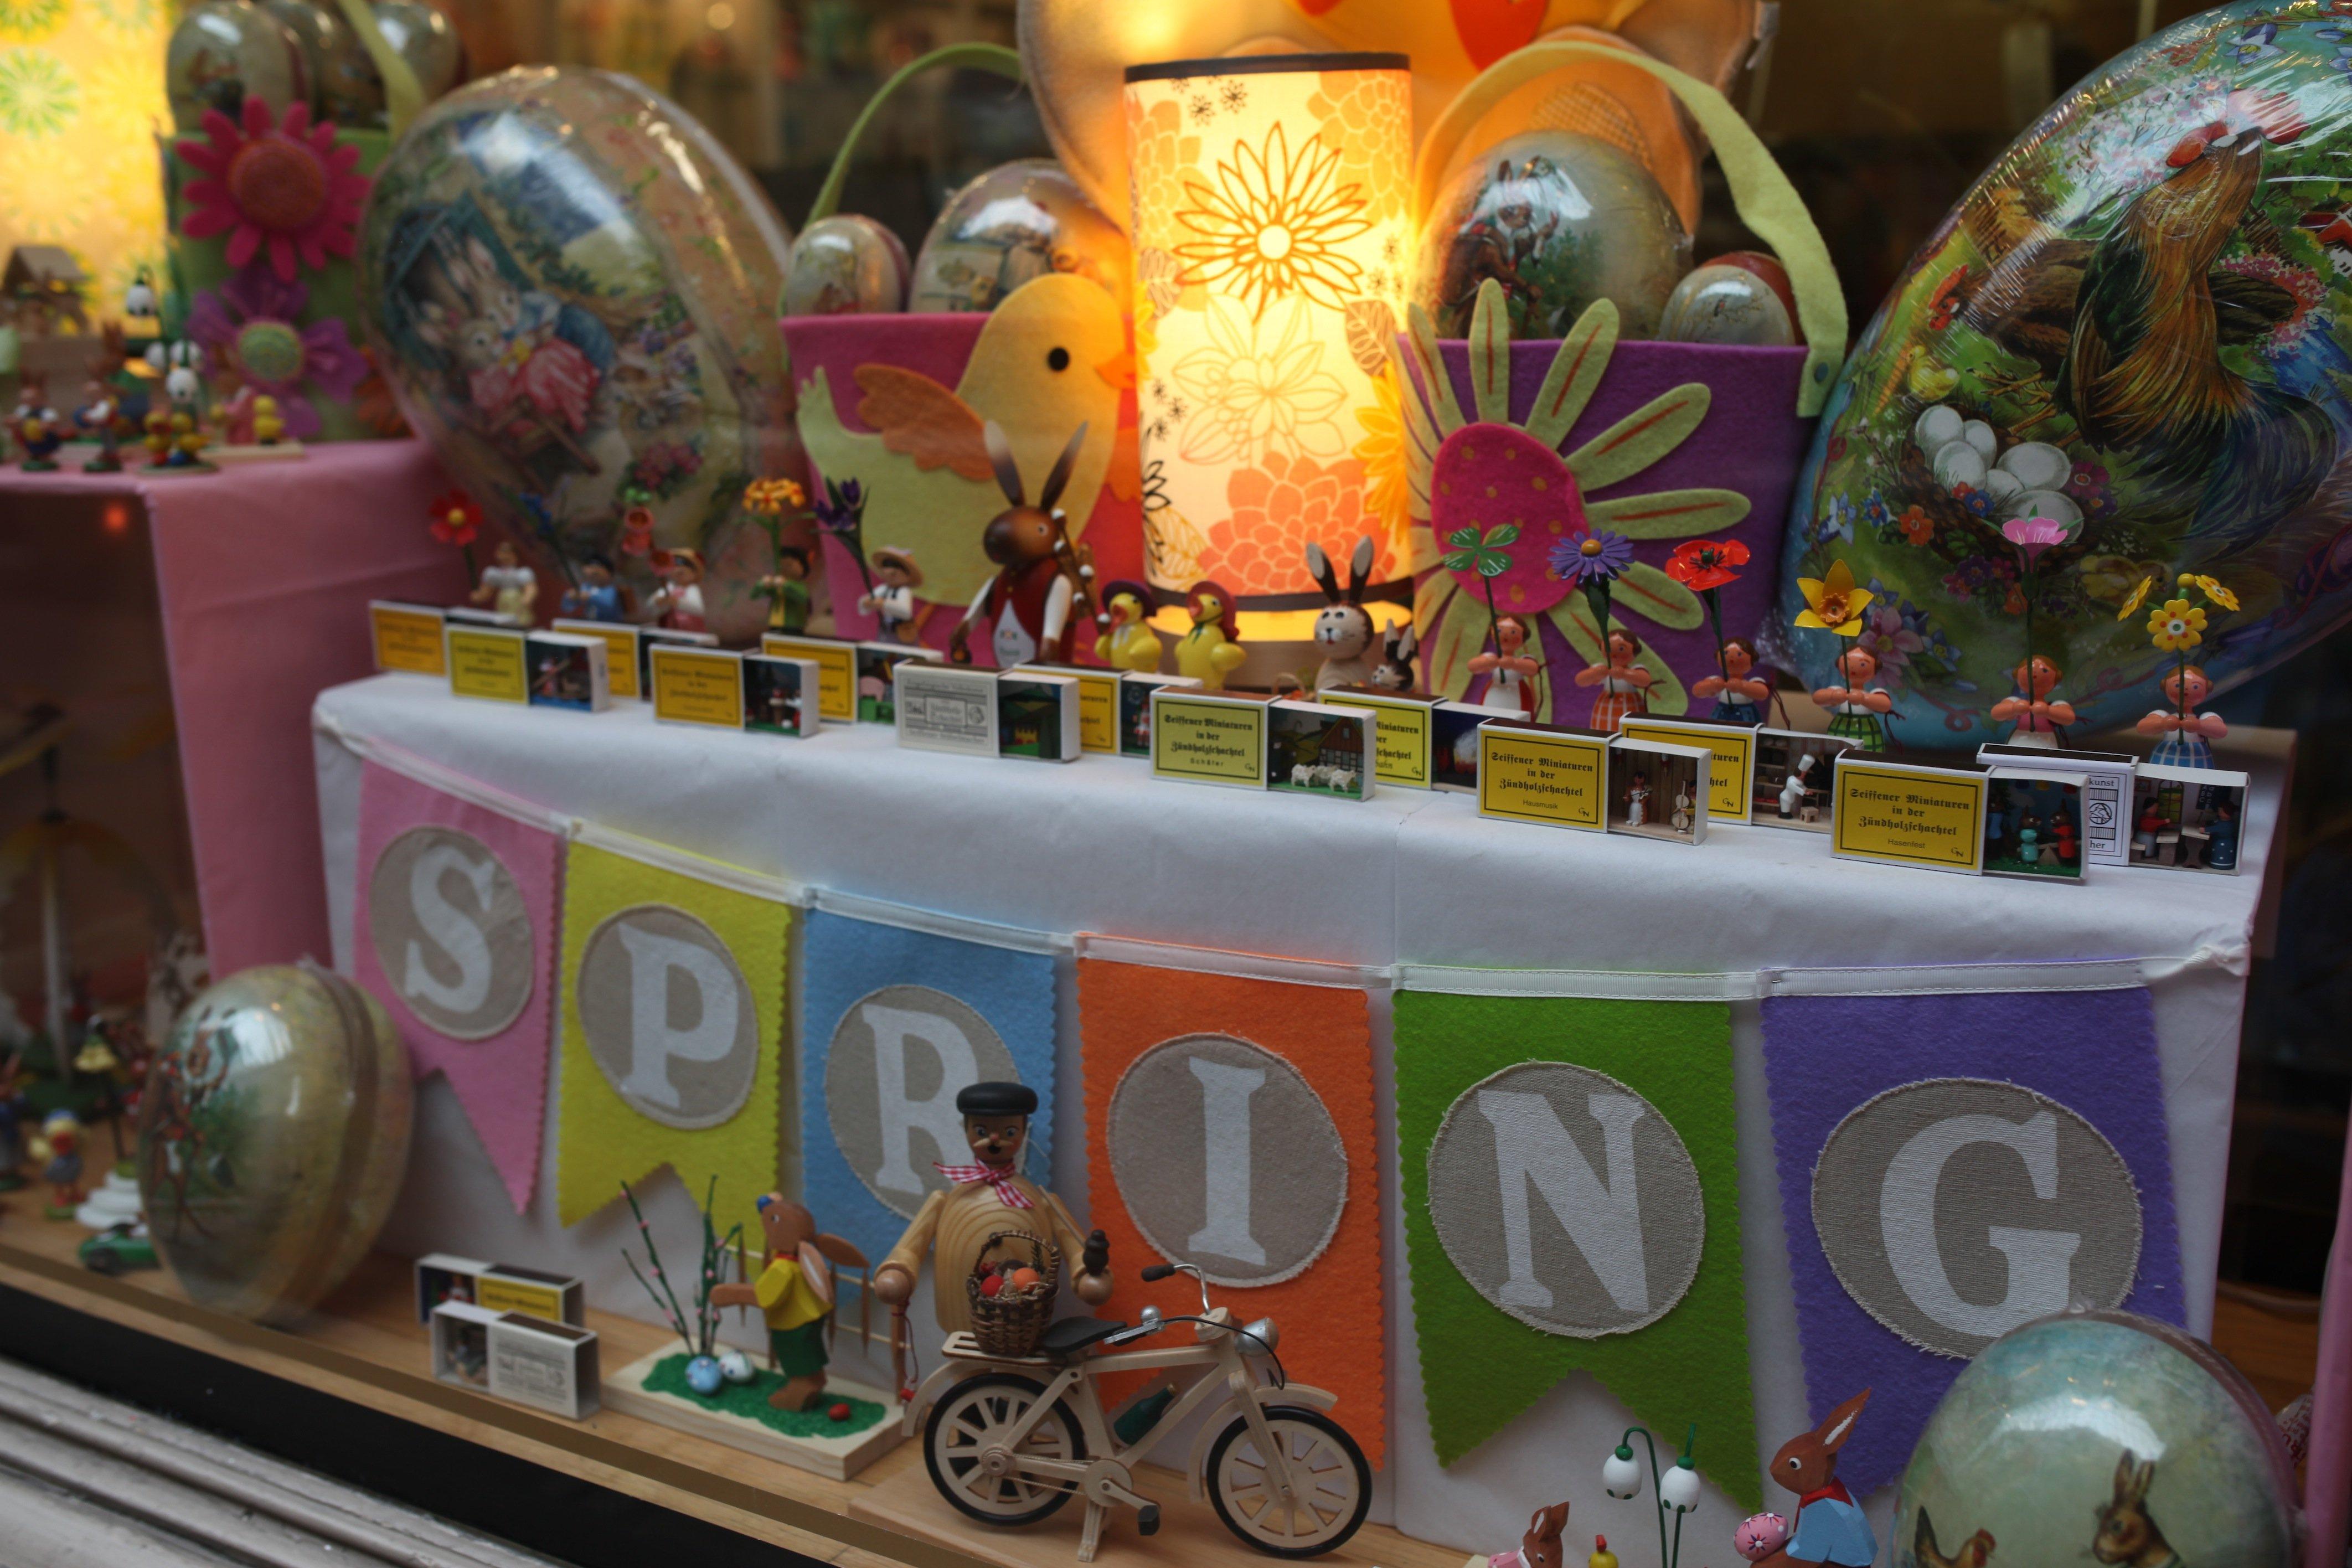 spring storefront #1